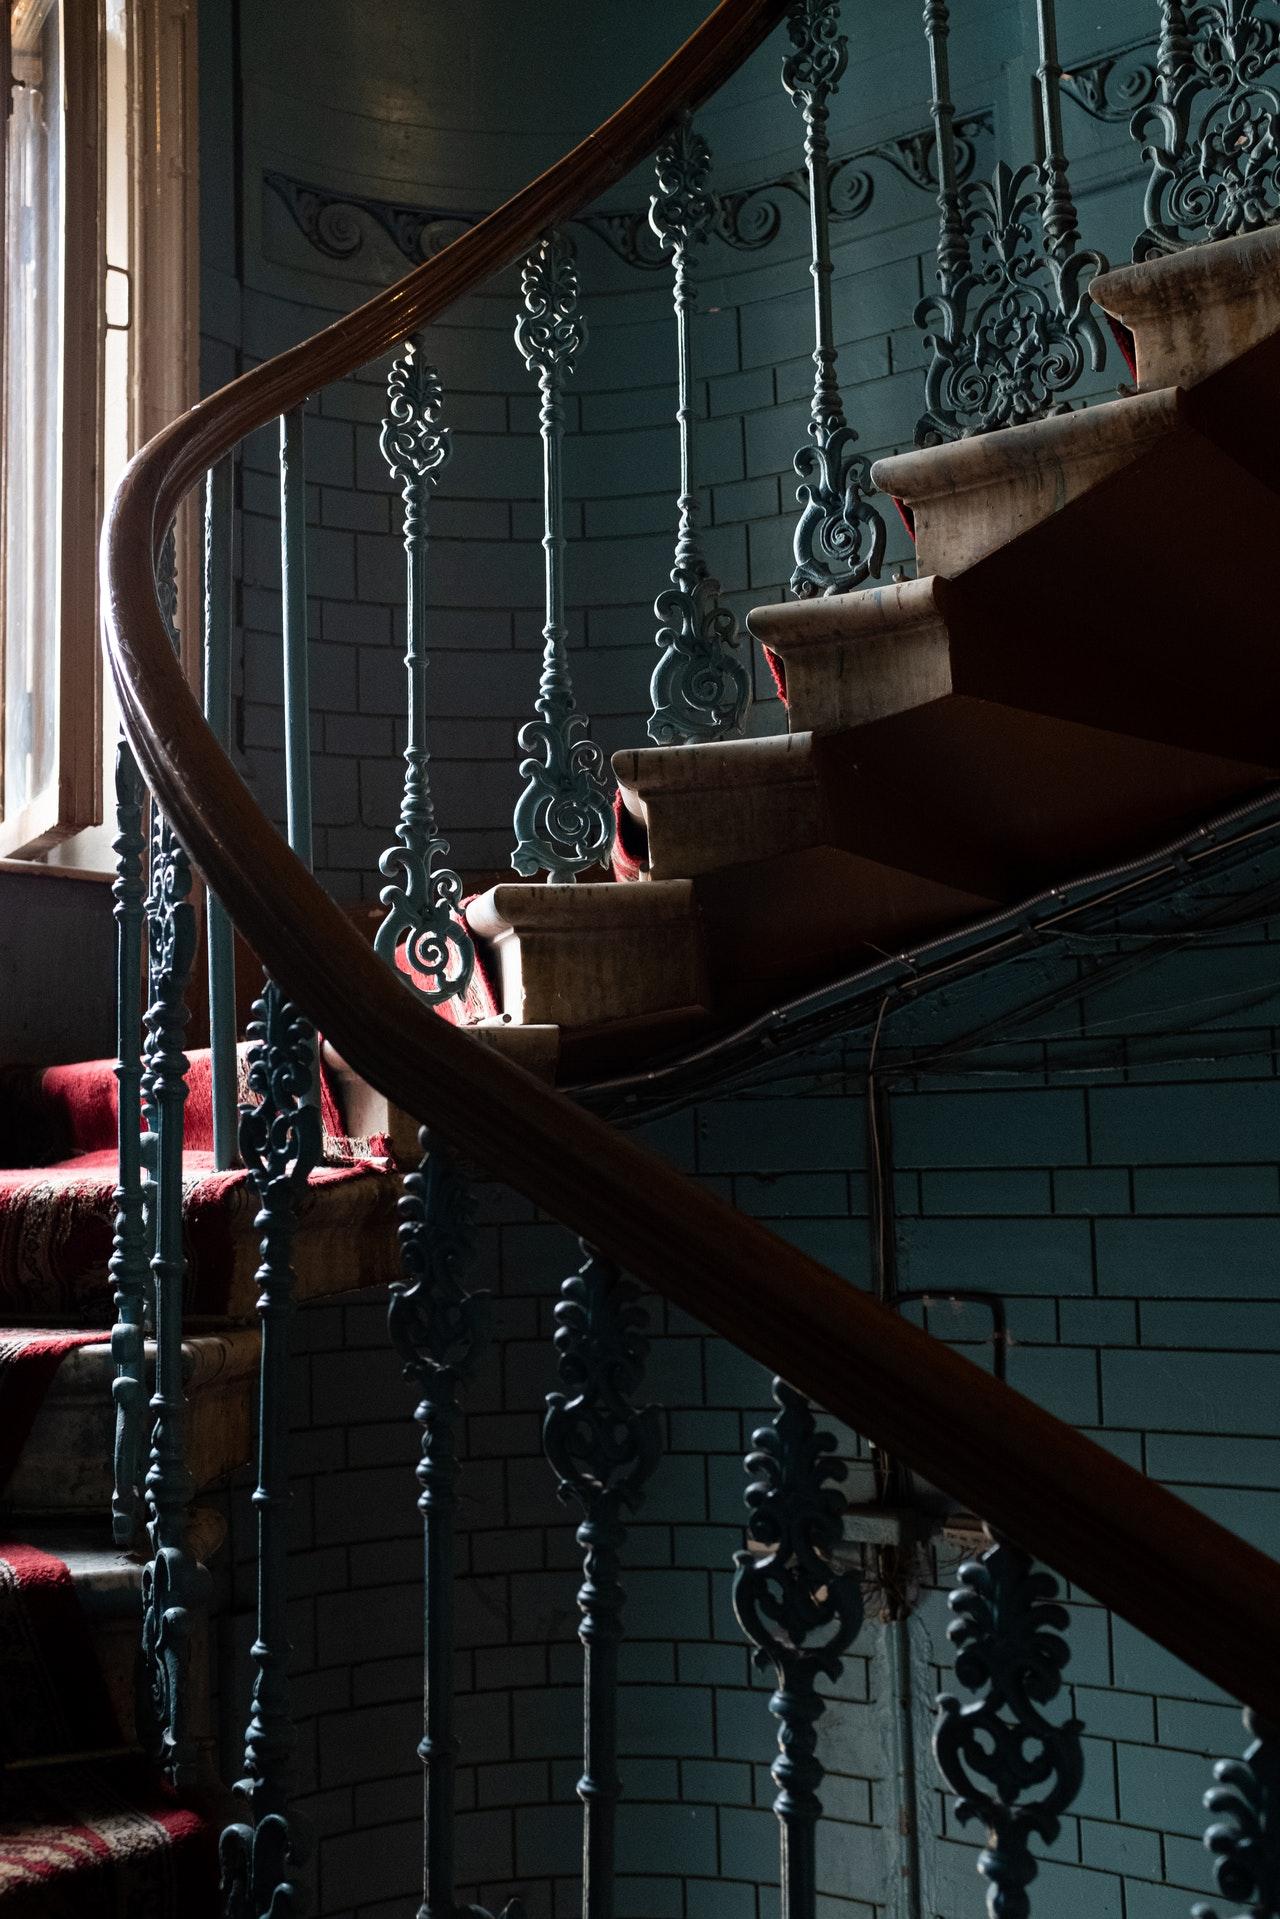 Stufenmatten gibt es in jeder erdecklicher Form.